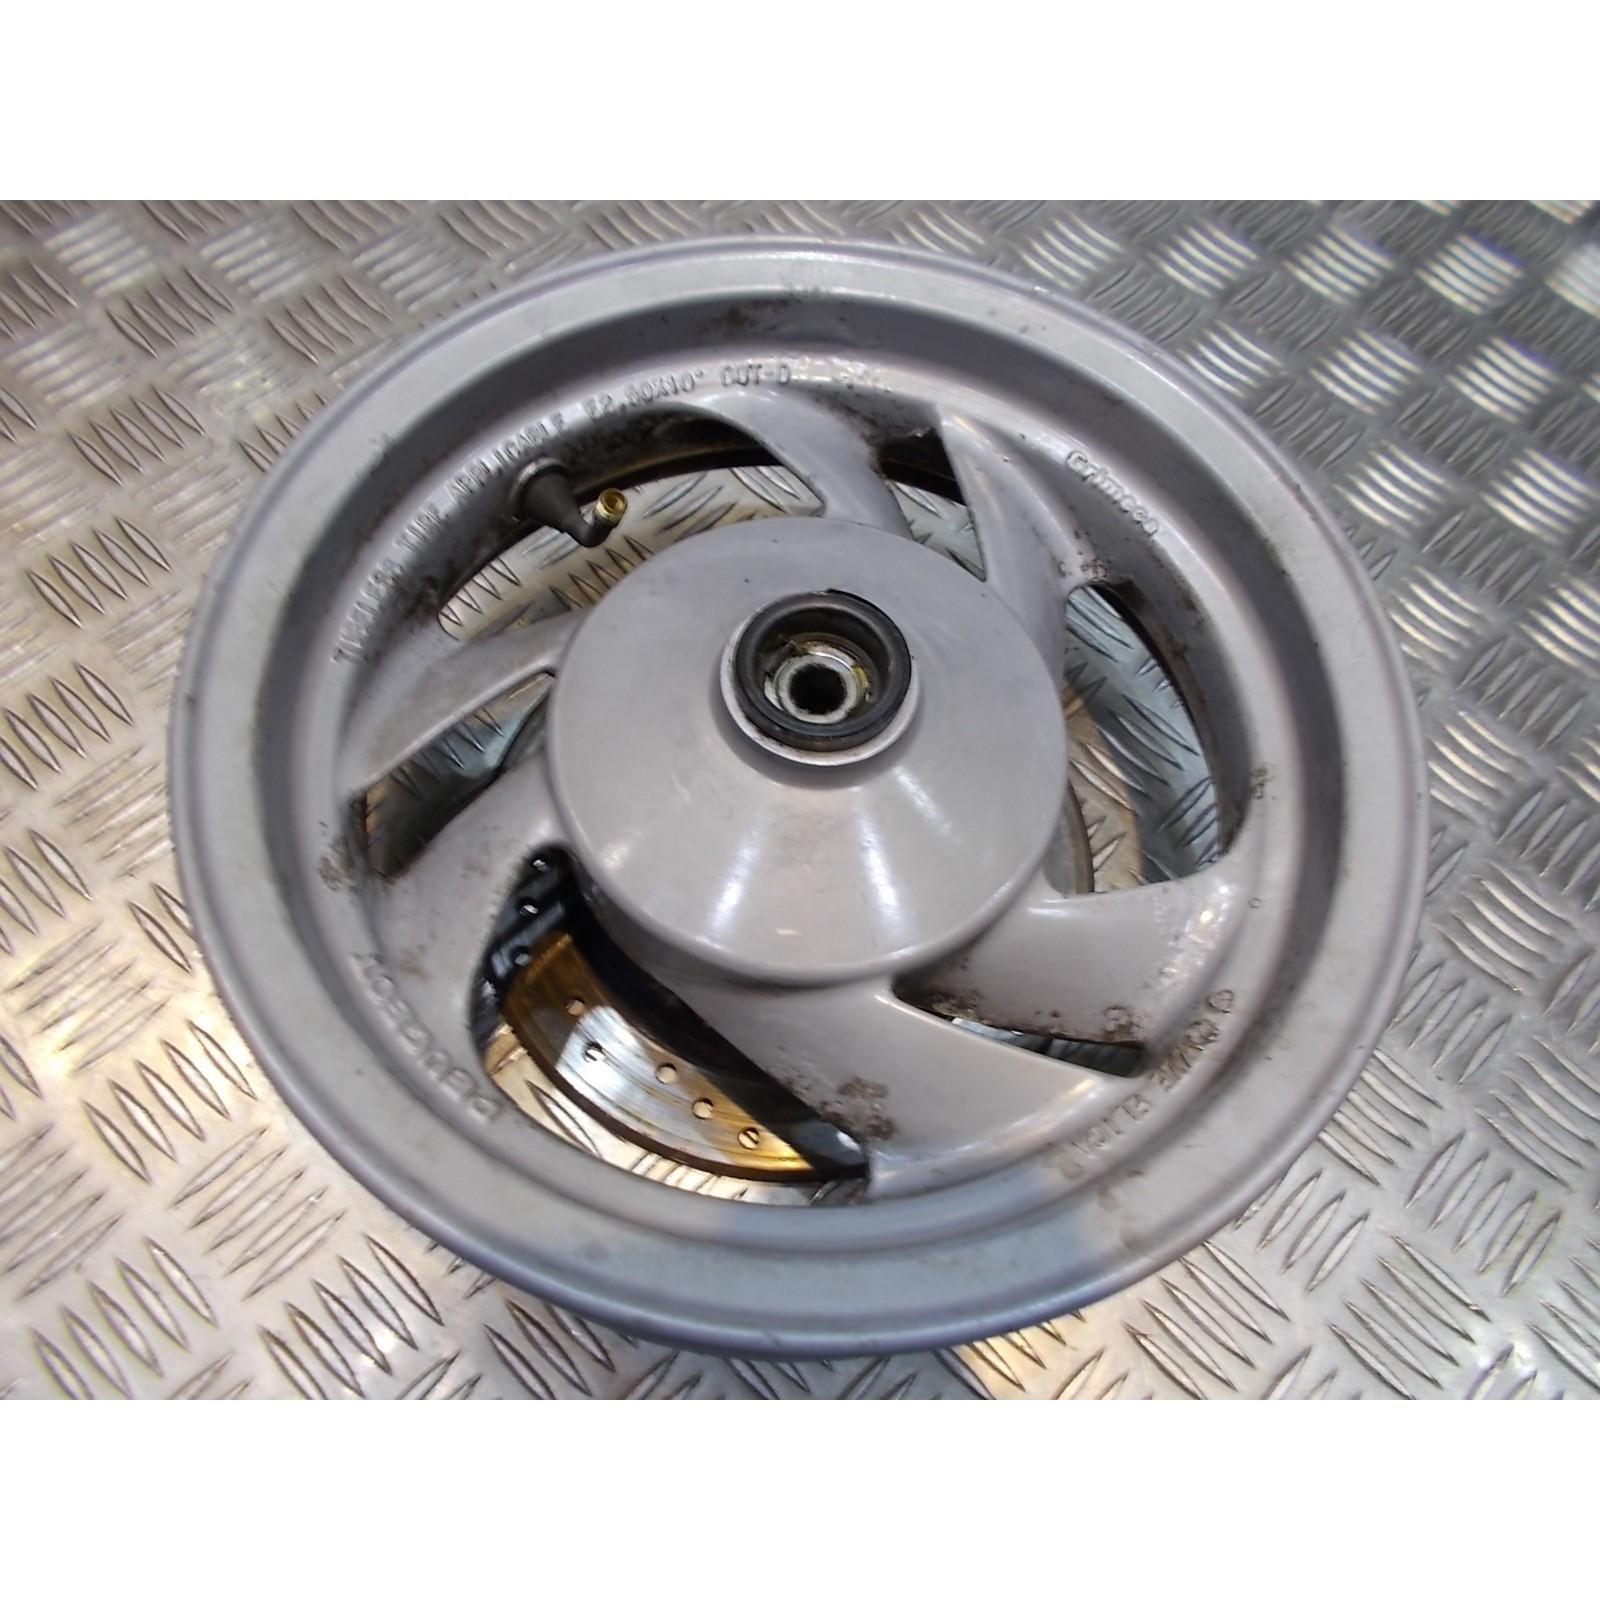 jante roue avant 2.50 x 10 grimeca scooter peugeot 125 sv